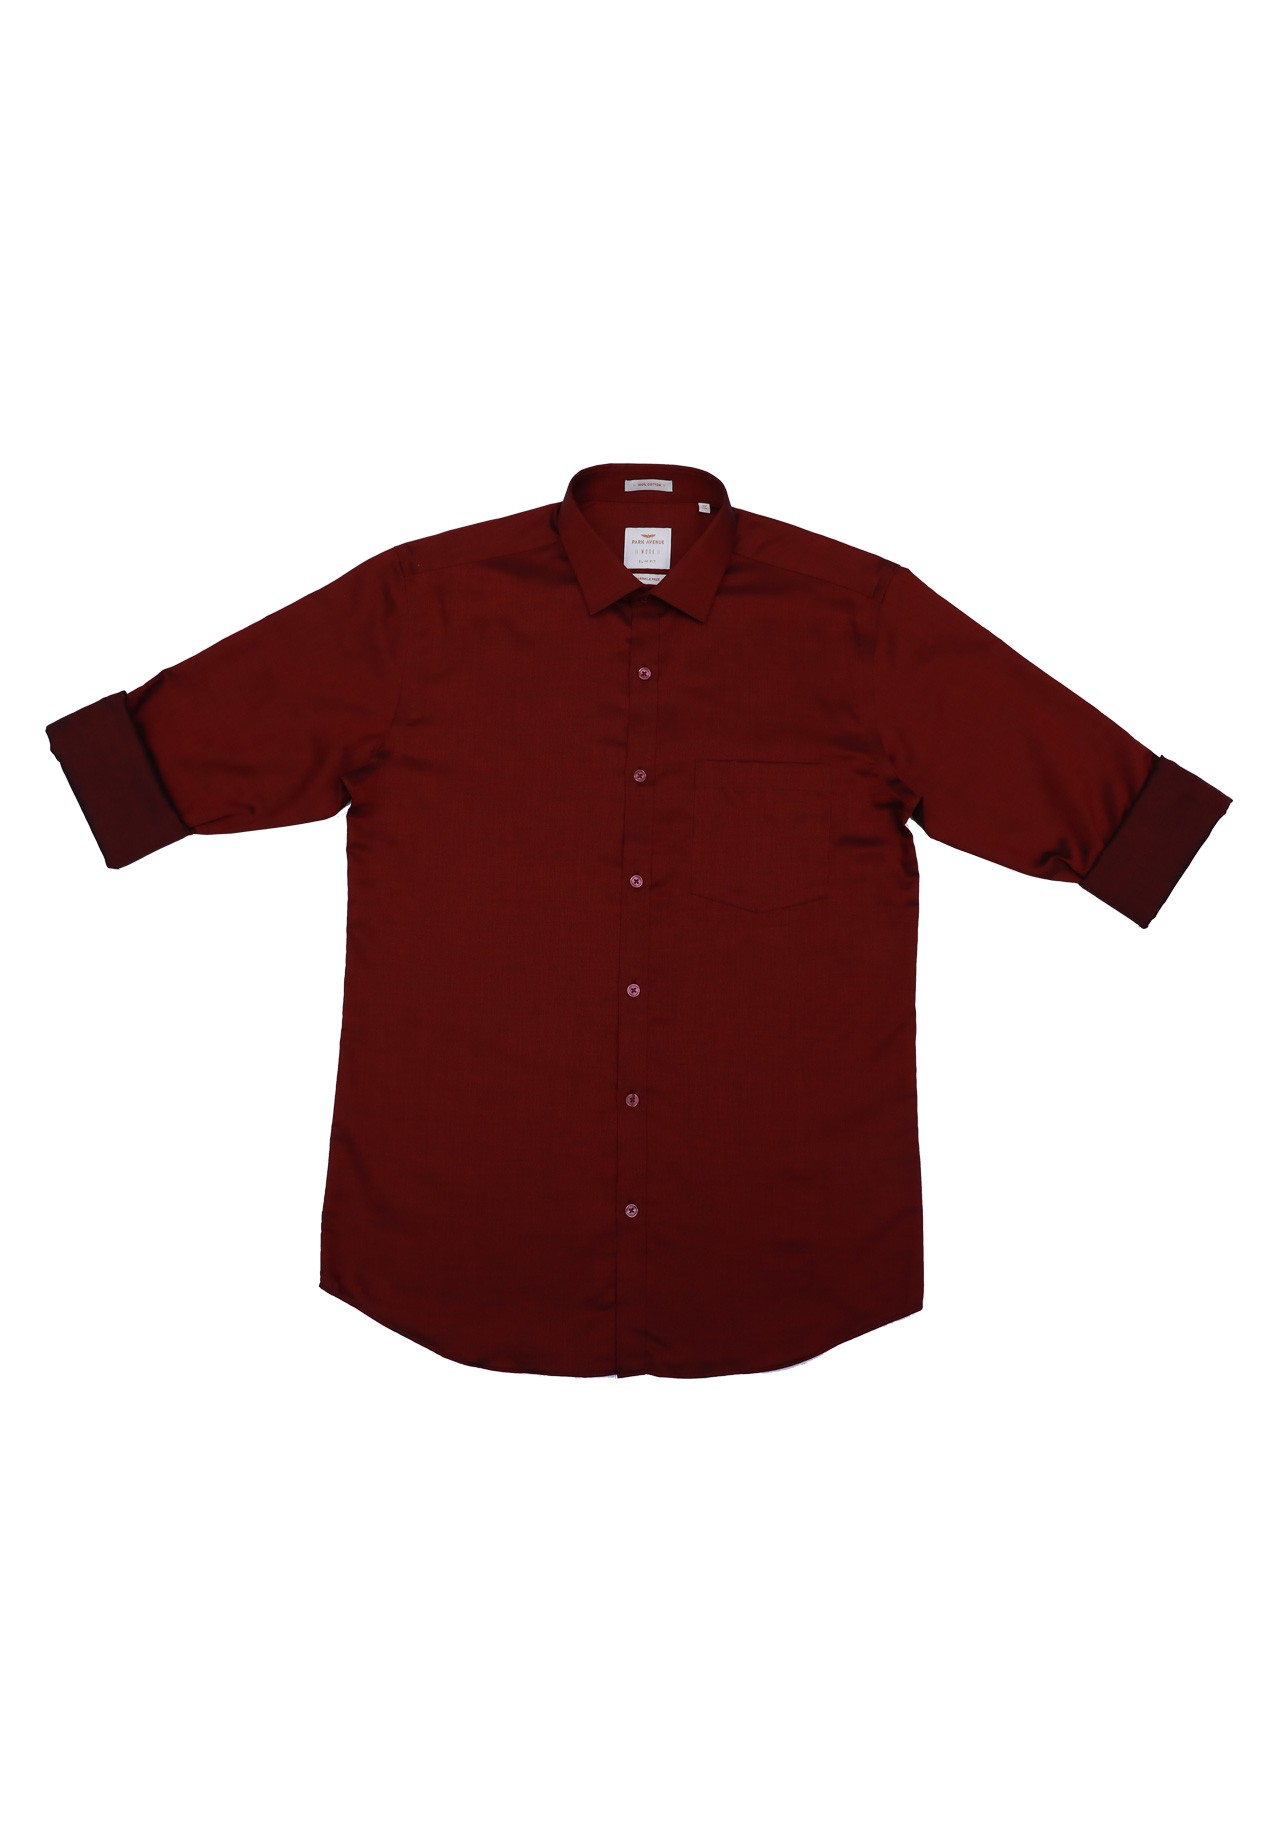 Park Avenue PMSX12185-R8 Mens Shirt, Size 44